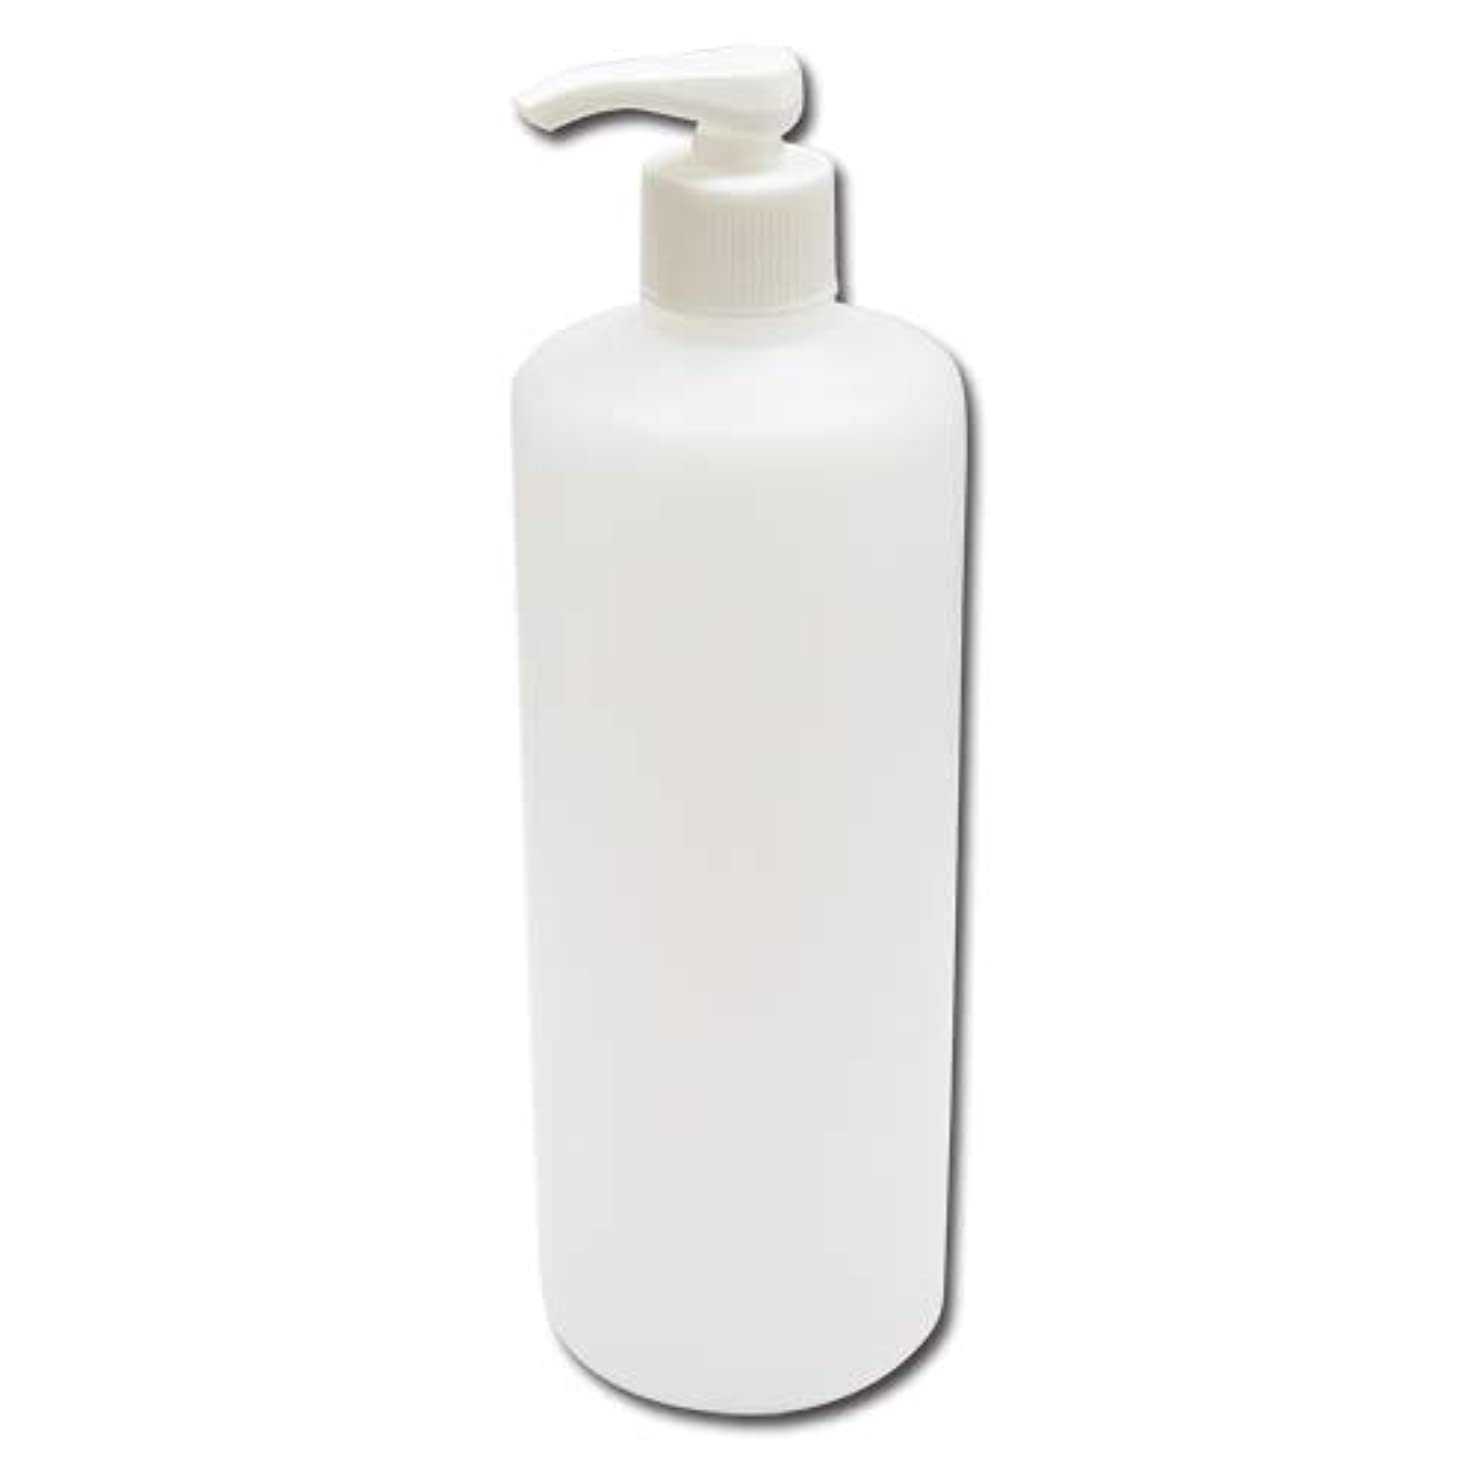 自慢サイドボード貯水池ポンプボトル詰め替え容器500ml│ディスペンサー詰め替え容器/業務用シャンプー?ボディーソープの小分けにポンプ容器 広口タイプ